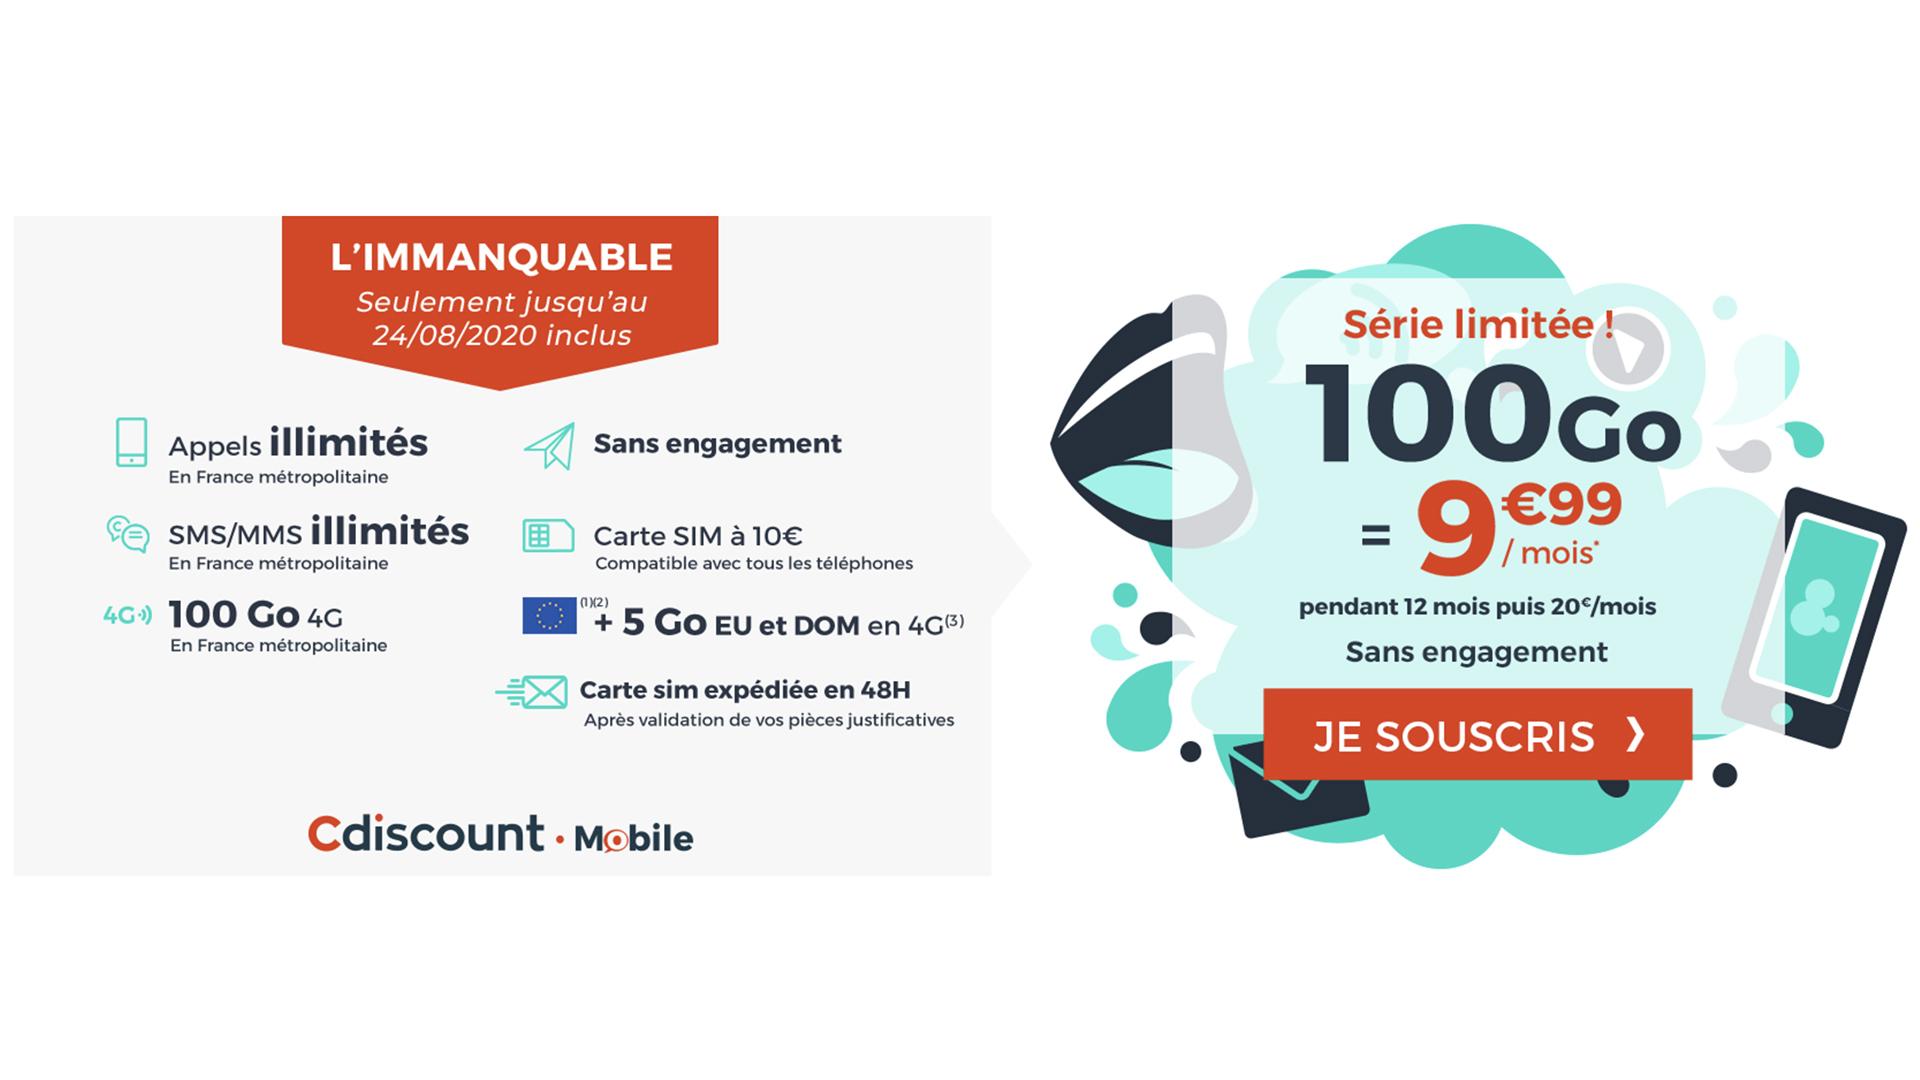 Profitez de 100 Go de data pour 10 euros mensuels avec ce forfait mobile